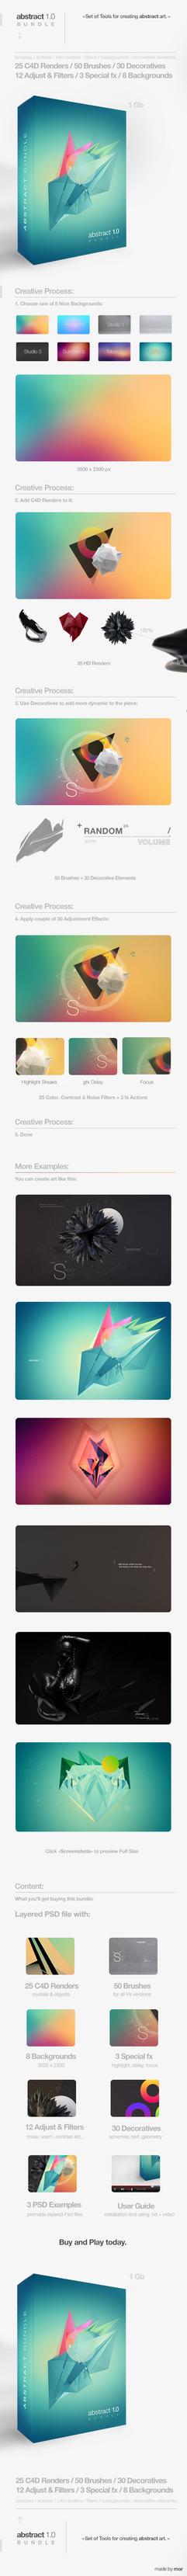 Abstract Art 1.0 Bundle by MrSuma